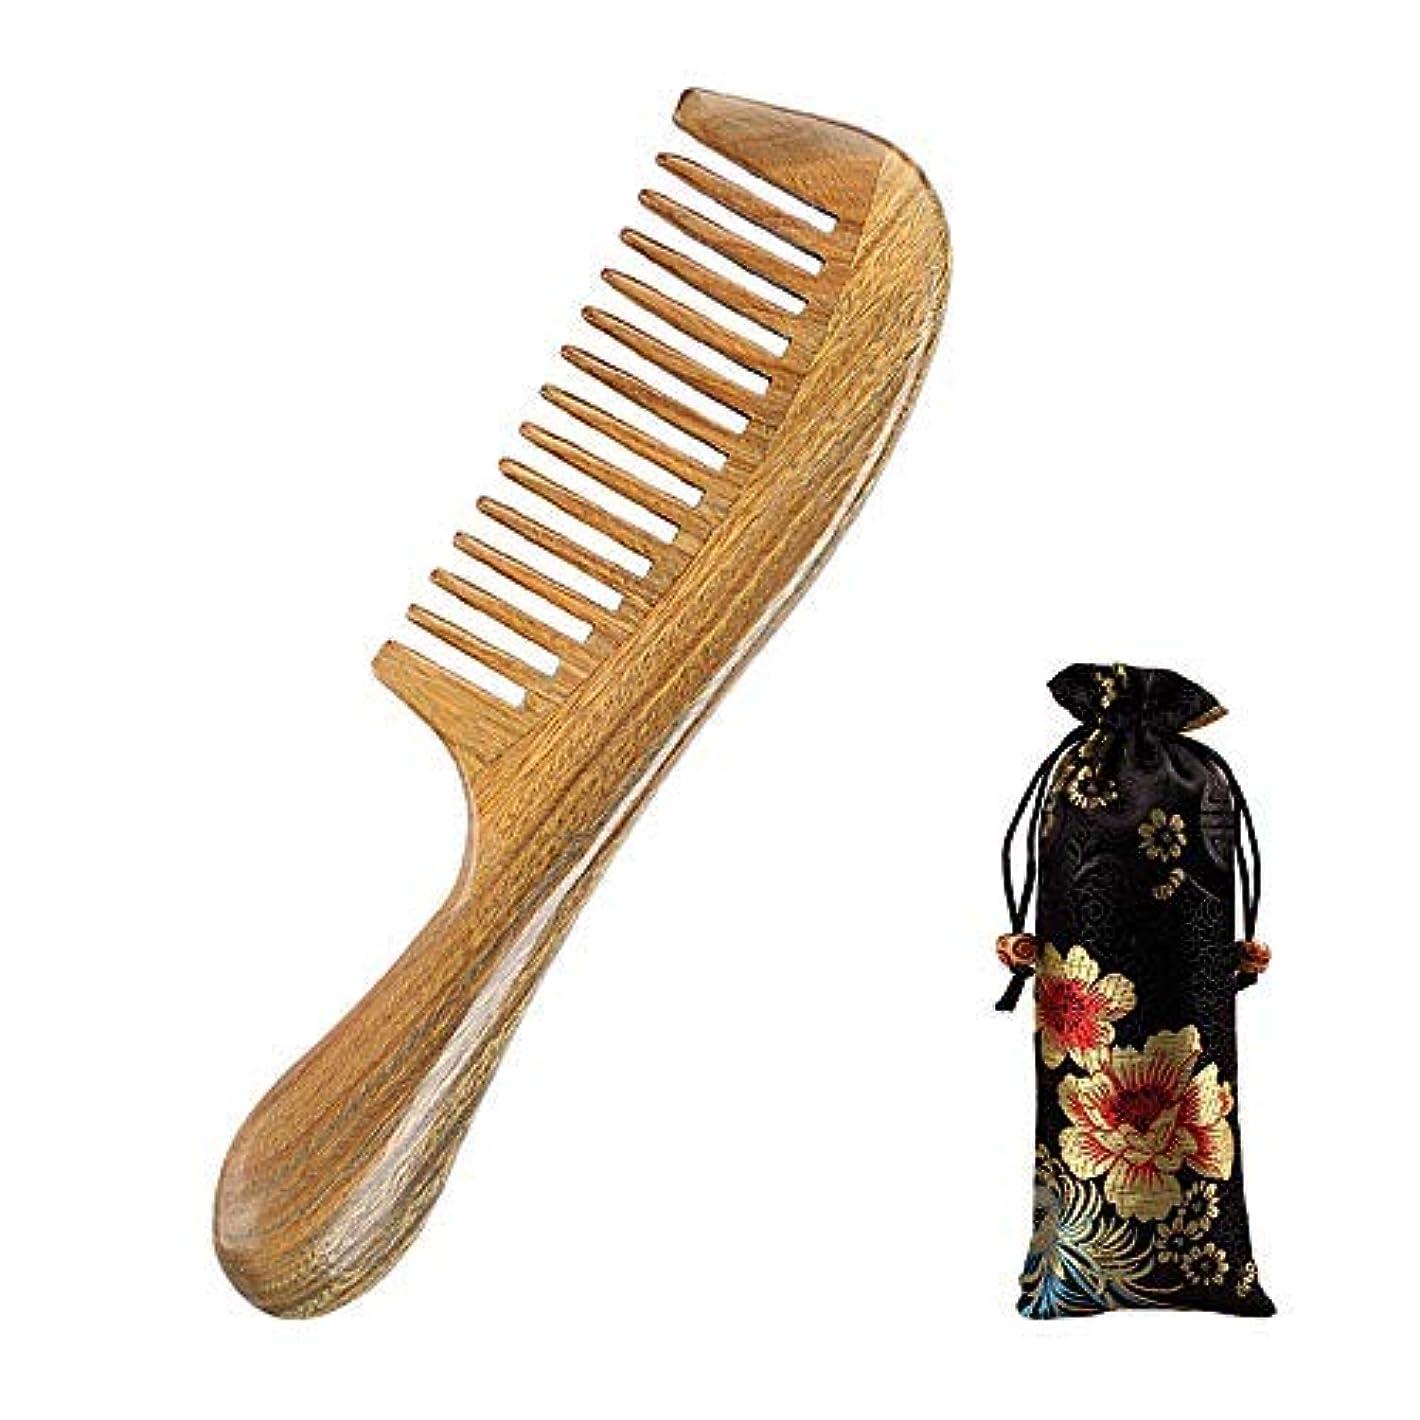 スキップ指紋万一に備えてWood Hair Comb, B-MyDreams Natural Green Sandalwood No Static Handmade Wooden Comb [並行輸入品]